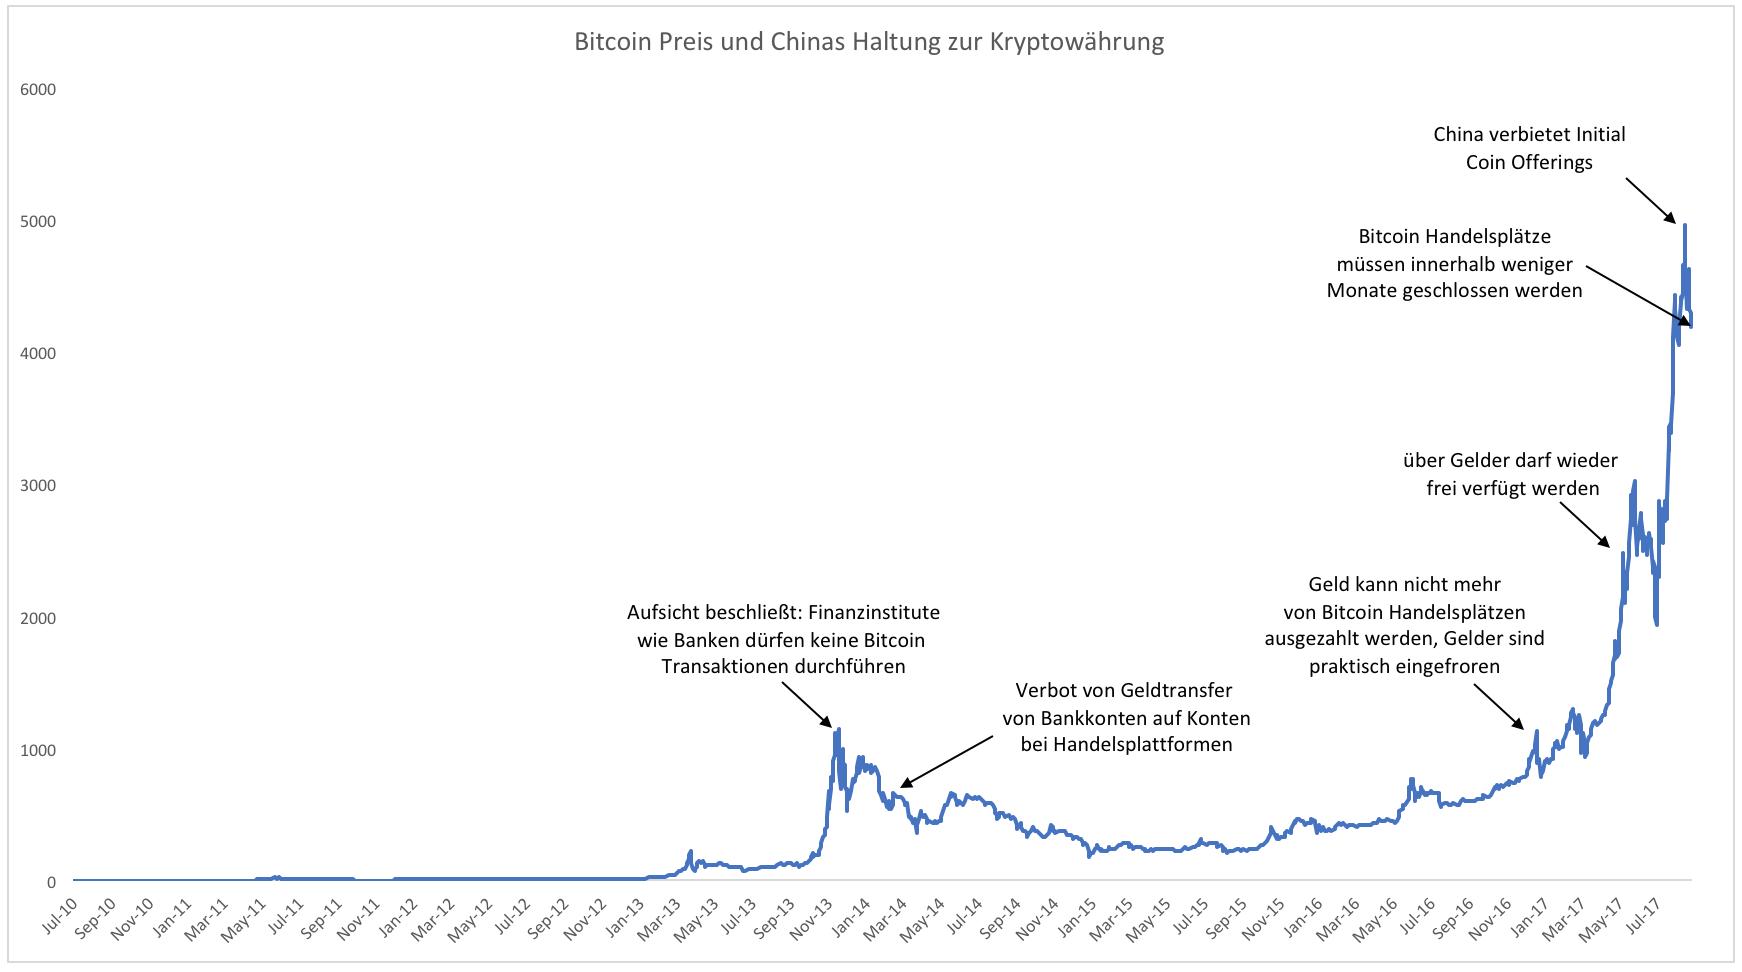 BITCOIN-Geht-es-auch-ohne-China-Chartanalyse-Clemens-Schmale-GodmodeTrader.de-1